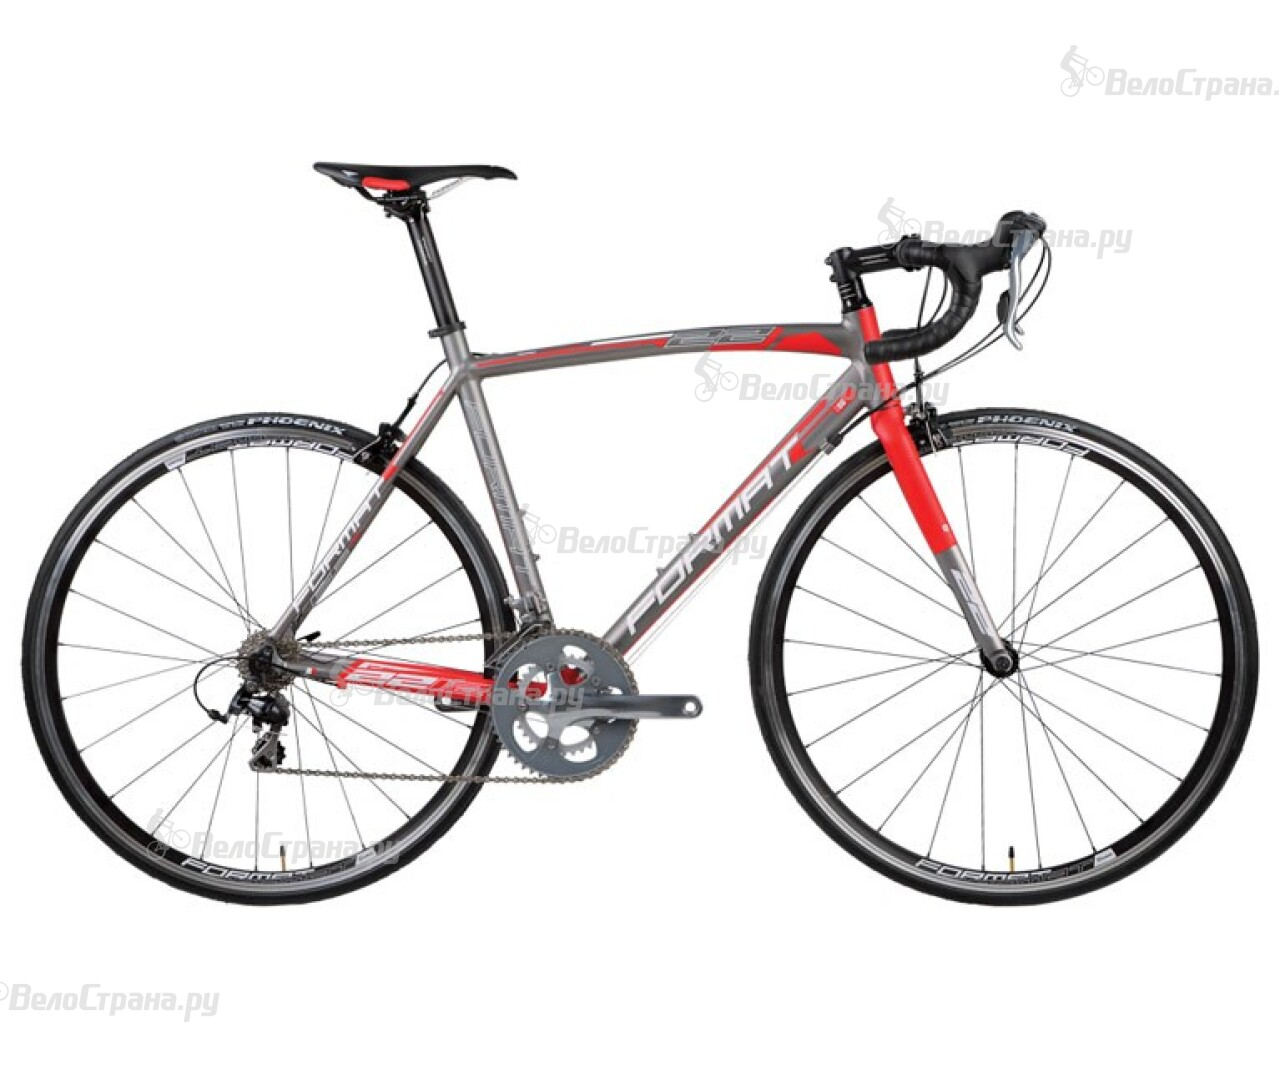 Велосипед Format 2212 (2014) велосипед format 1212 2014